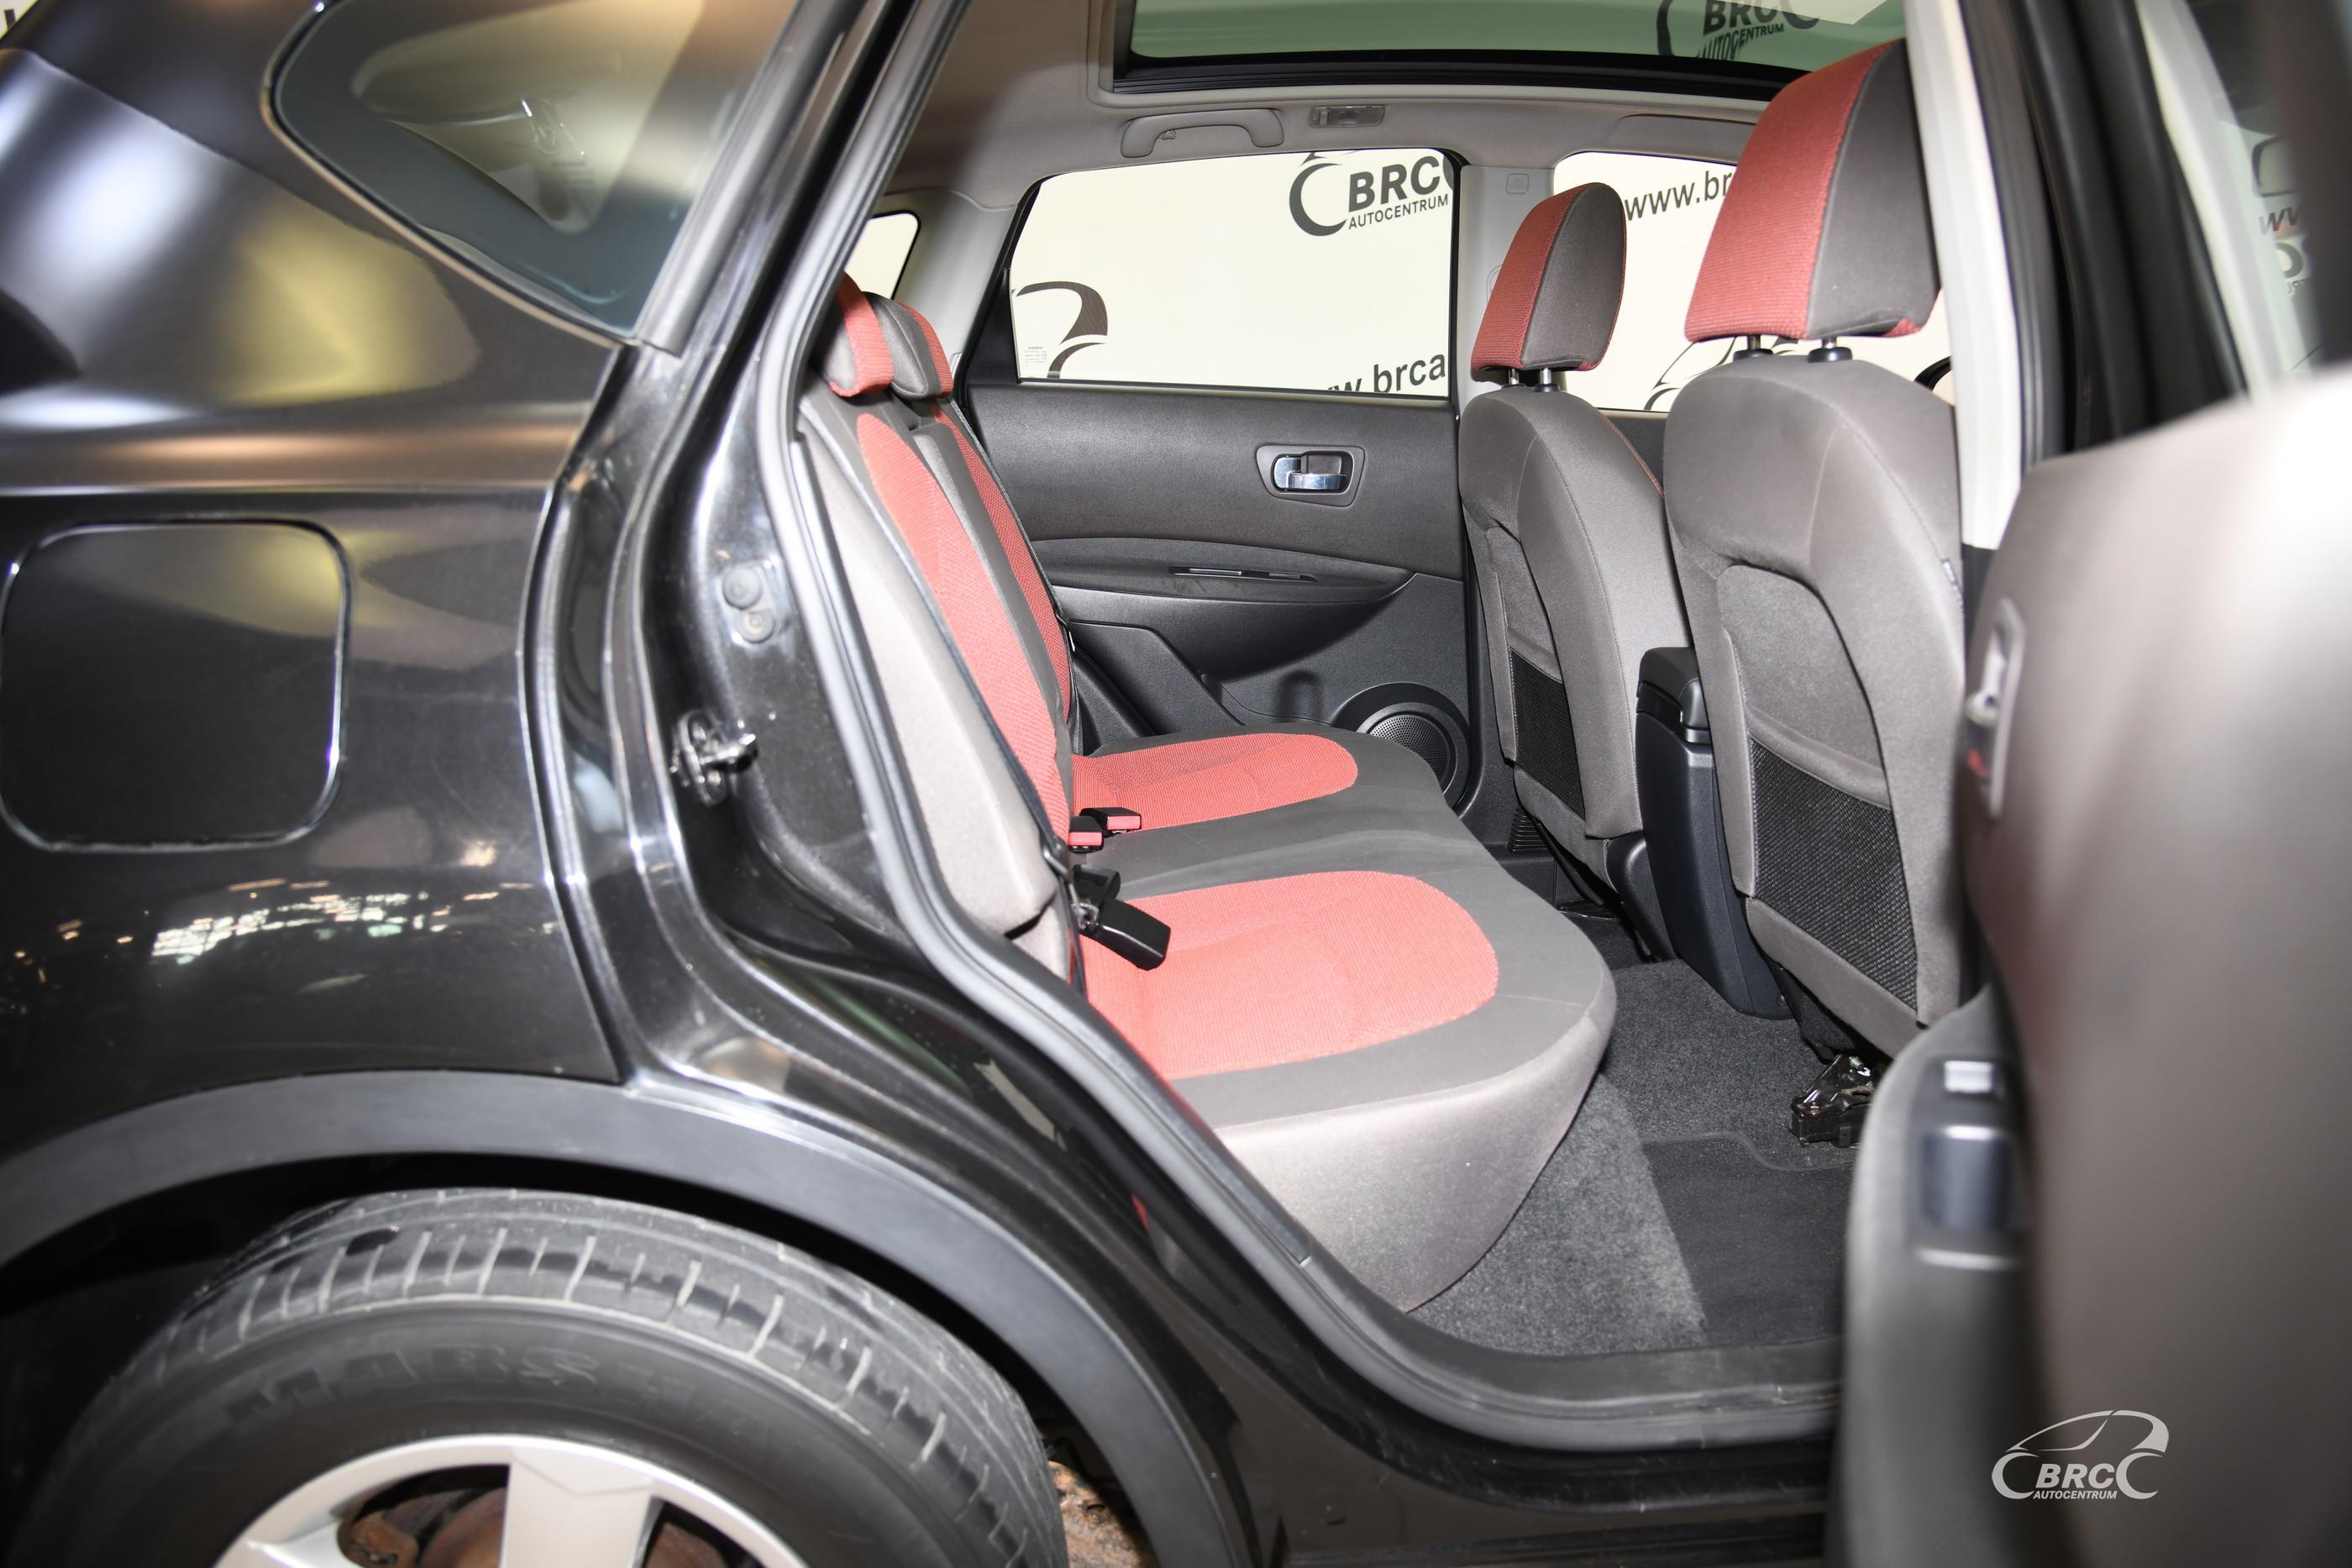 Nissan Qashqai 2.0i 2WD LPG Automatas